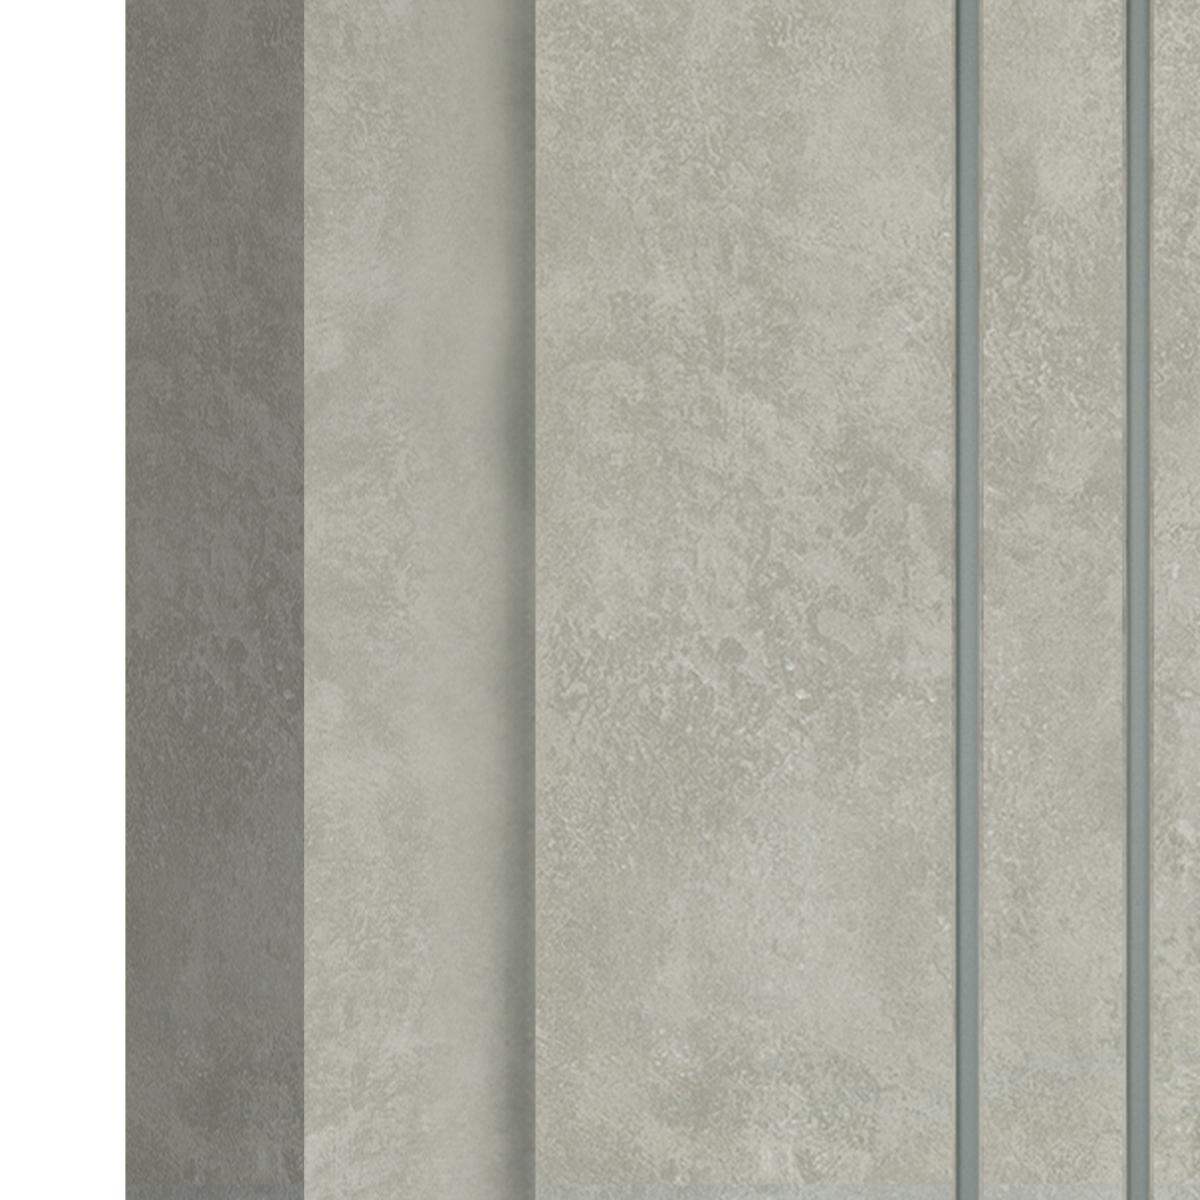 Дверь Межкомнатная Остеклённая «Сиэтл» 60x200 Пвх Цвет Лофт Светлый С Фурнитурой